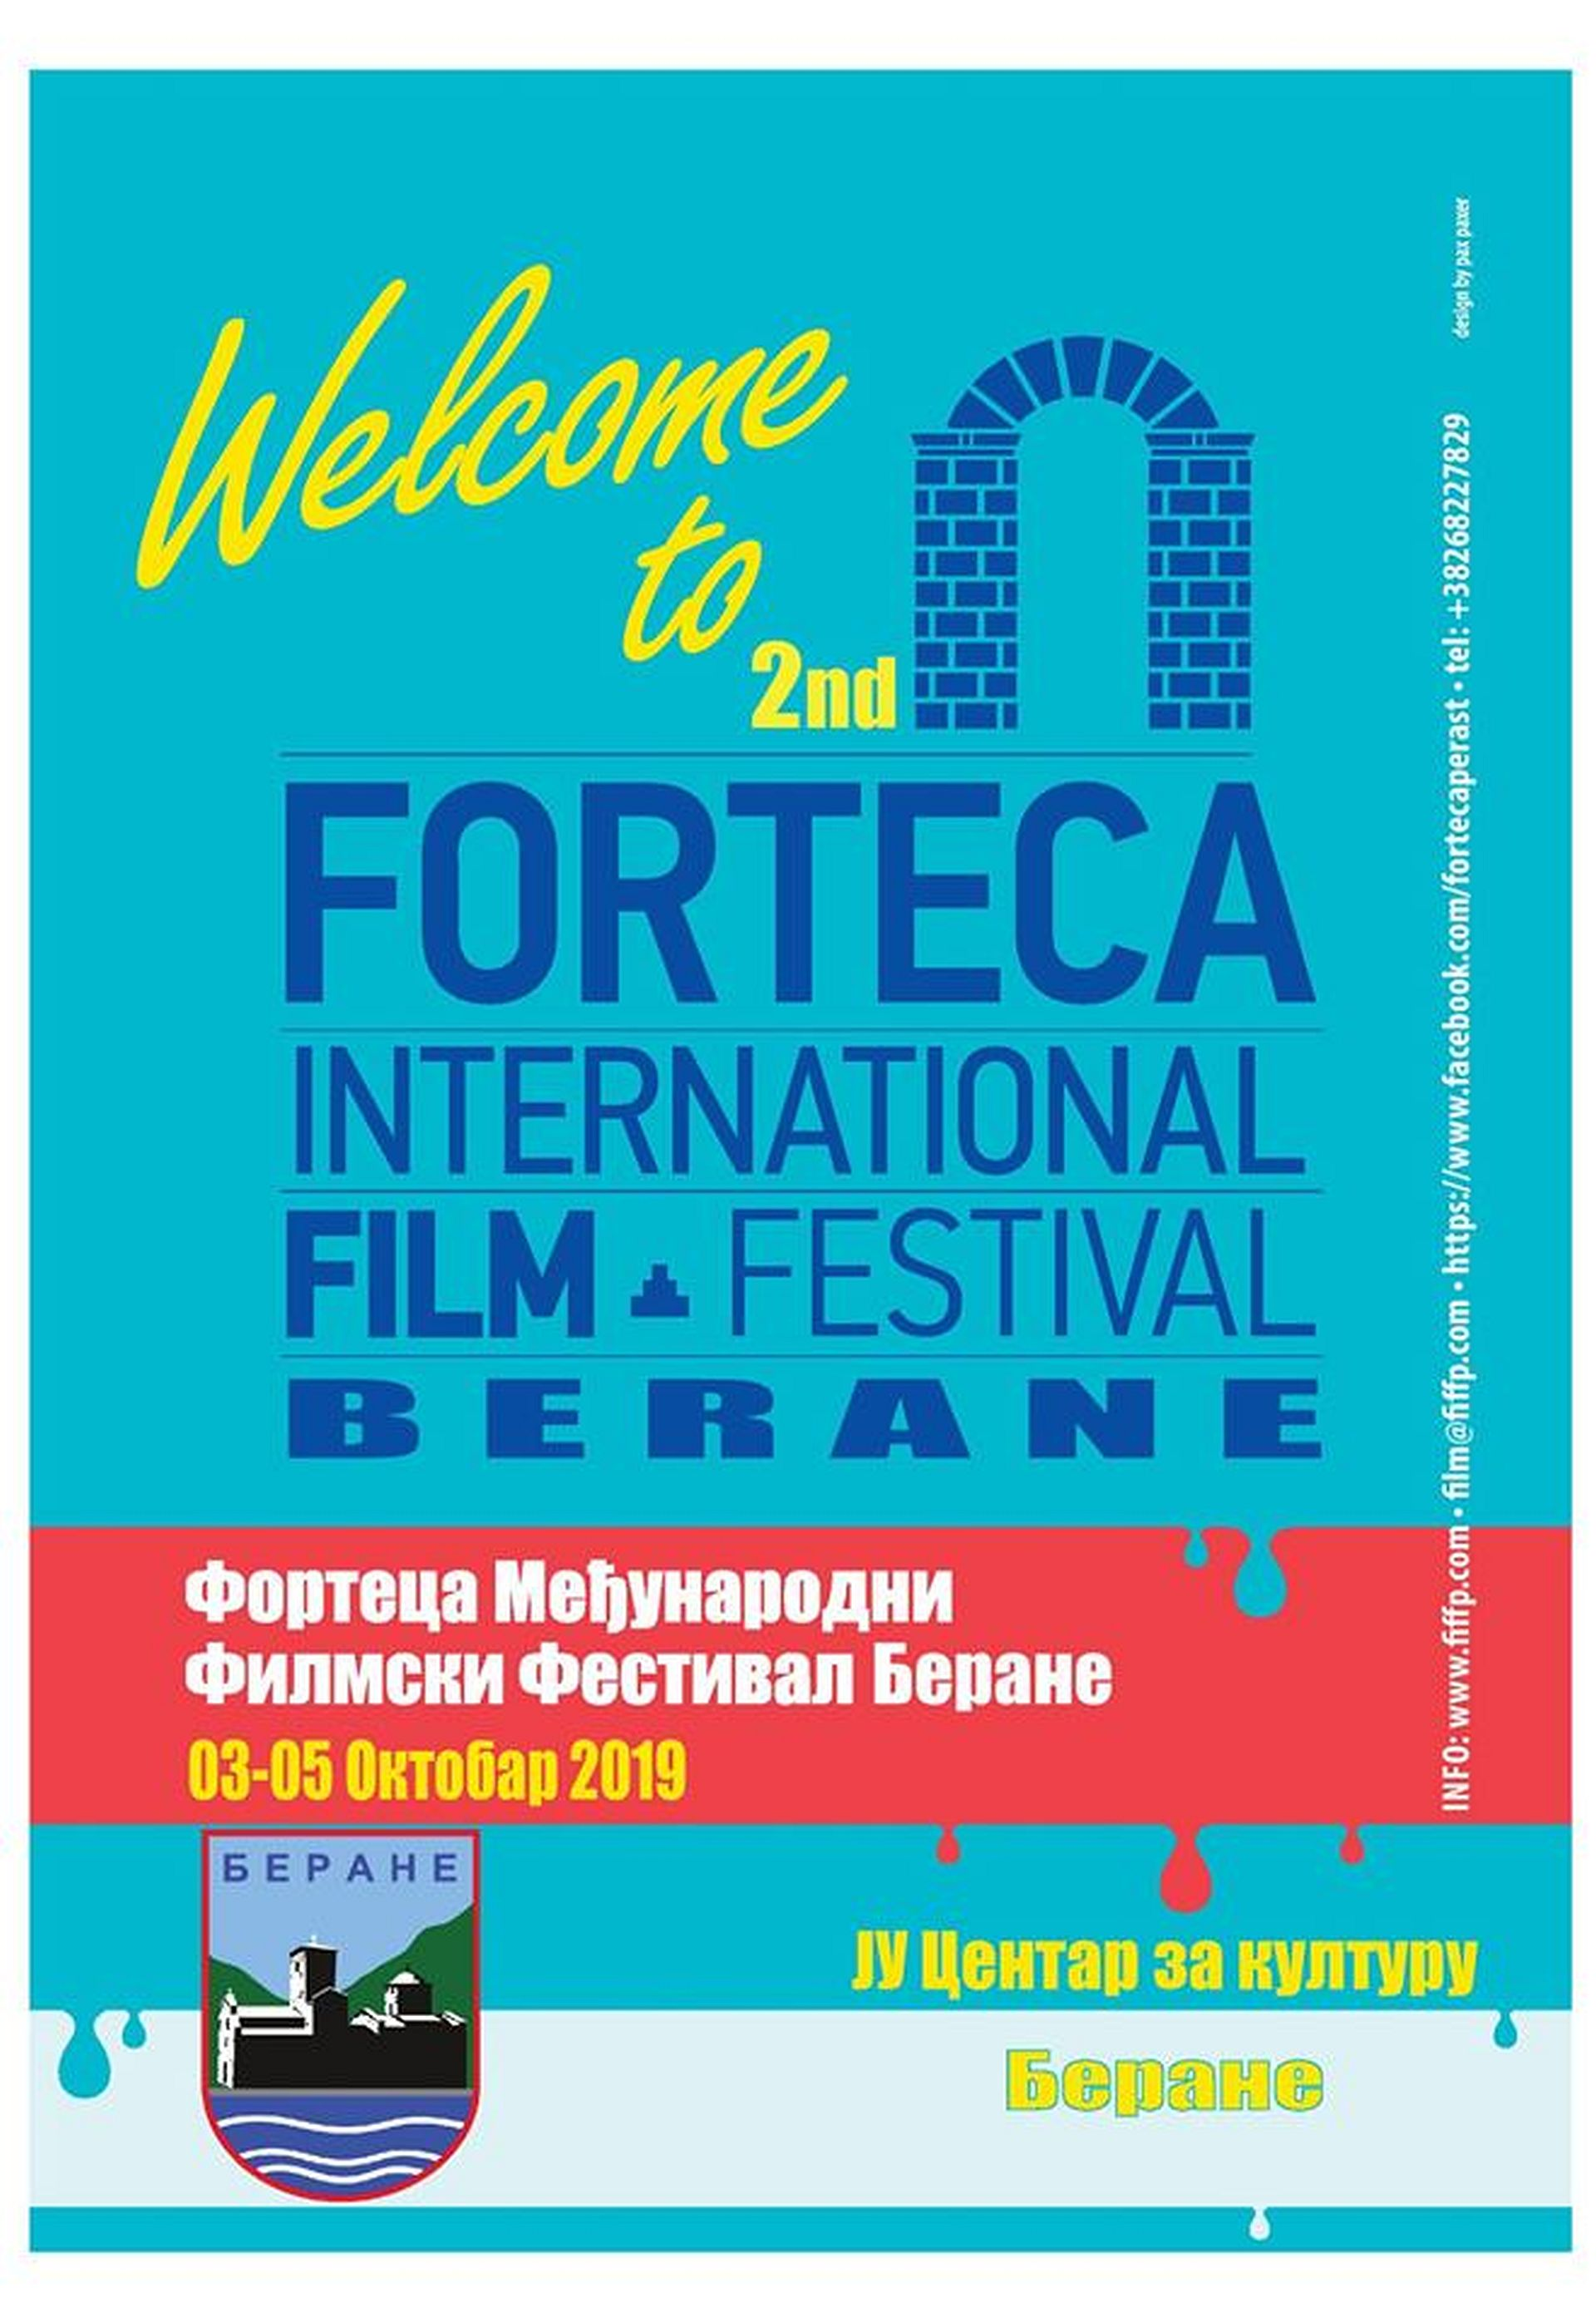 Festival traje do 5. oktobra